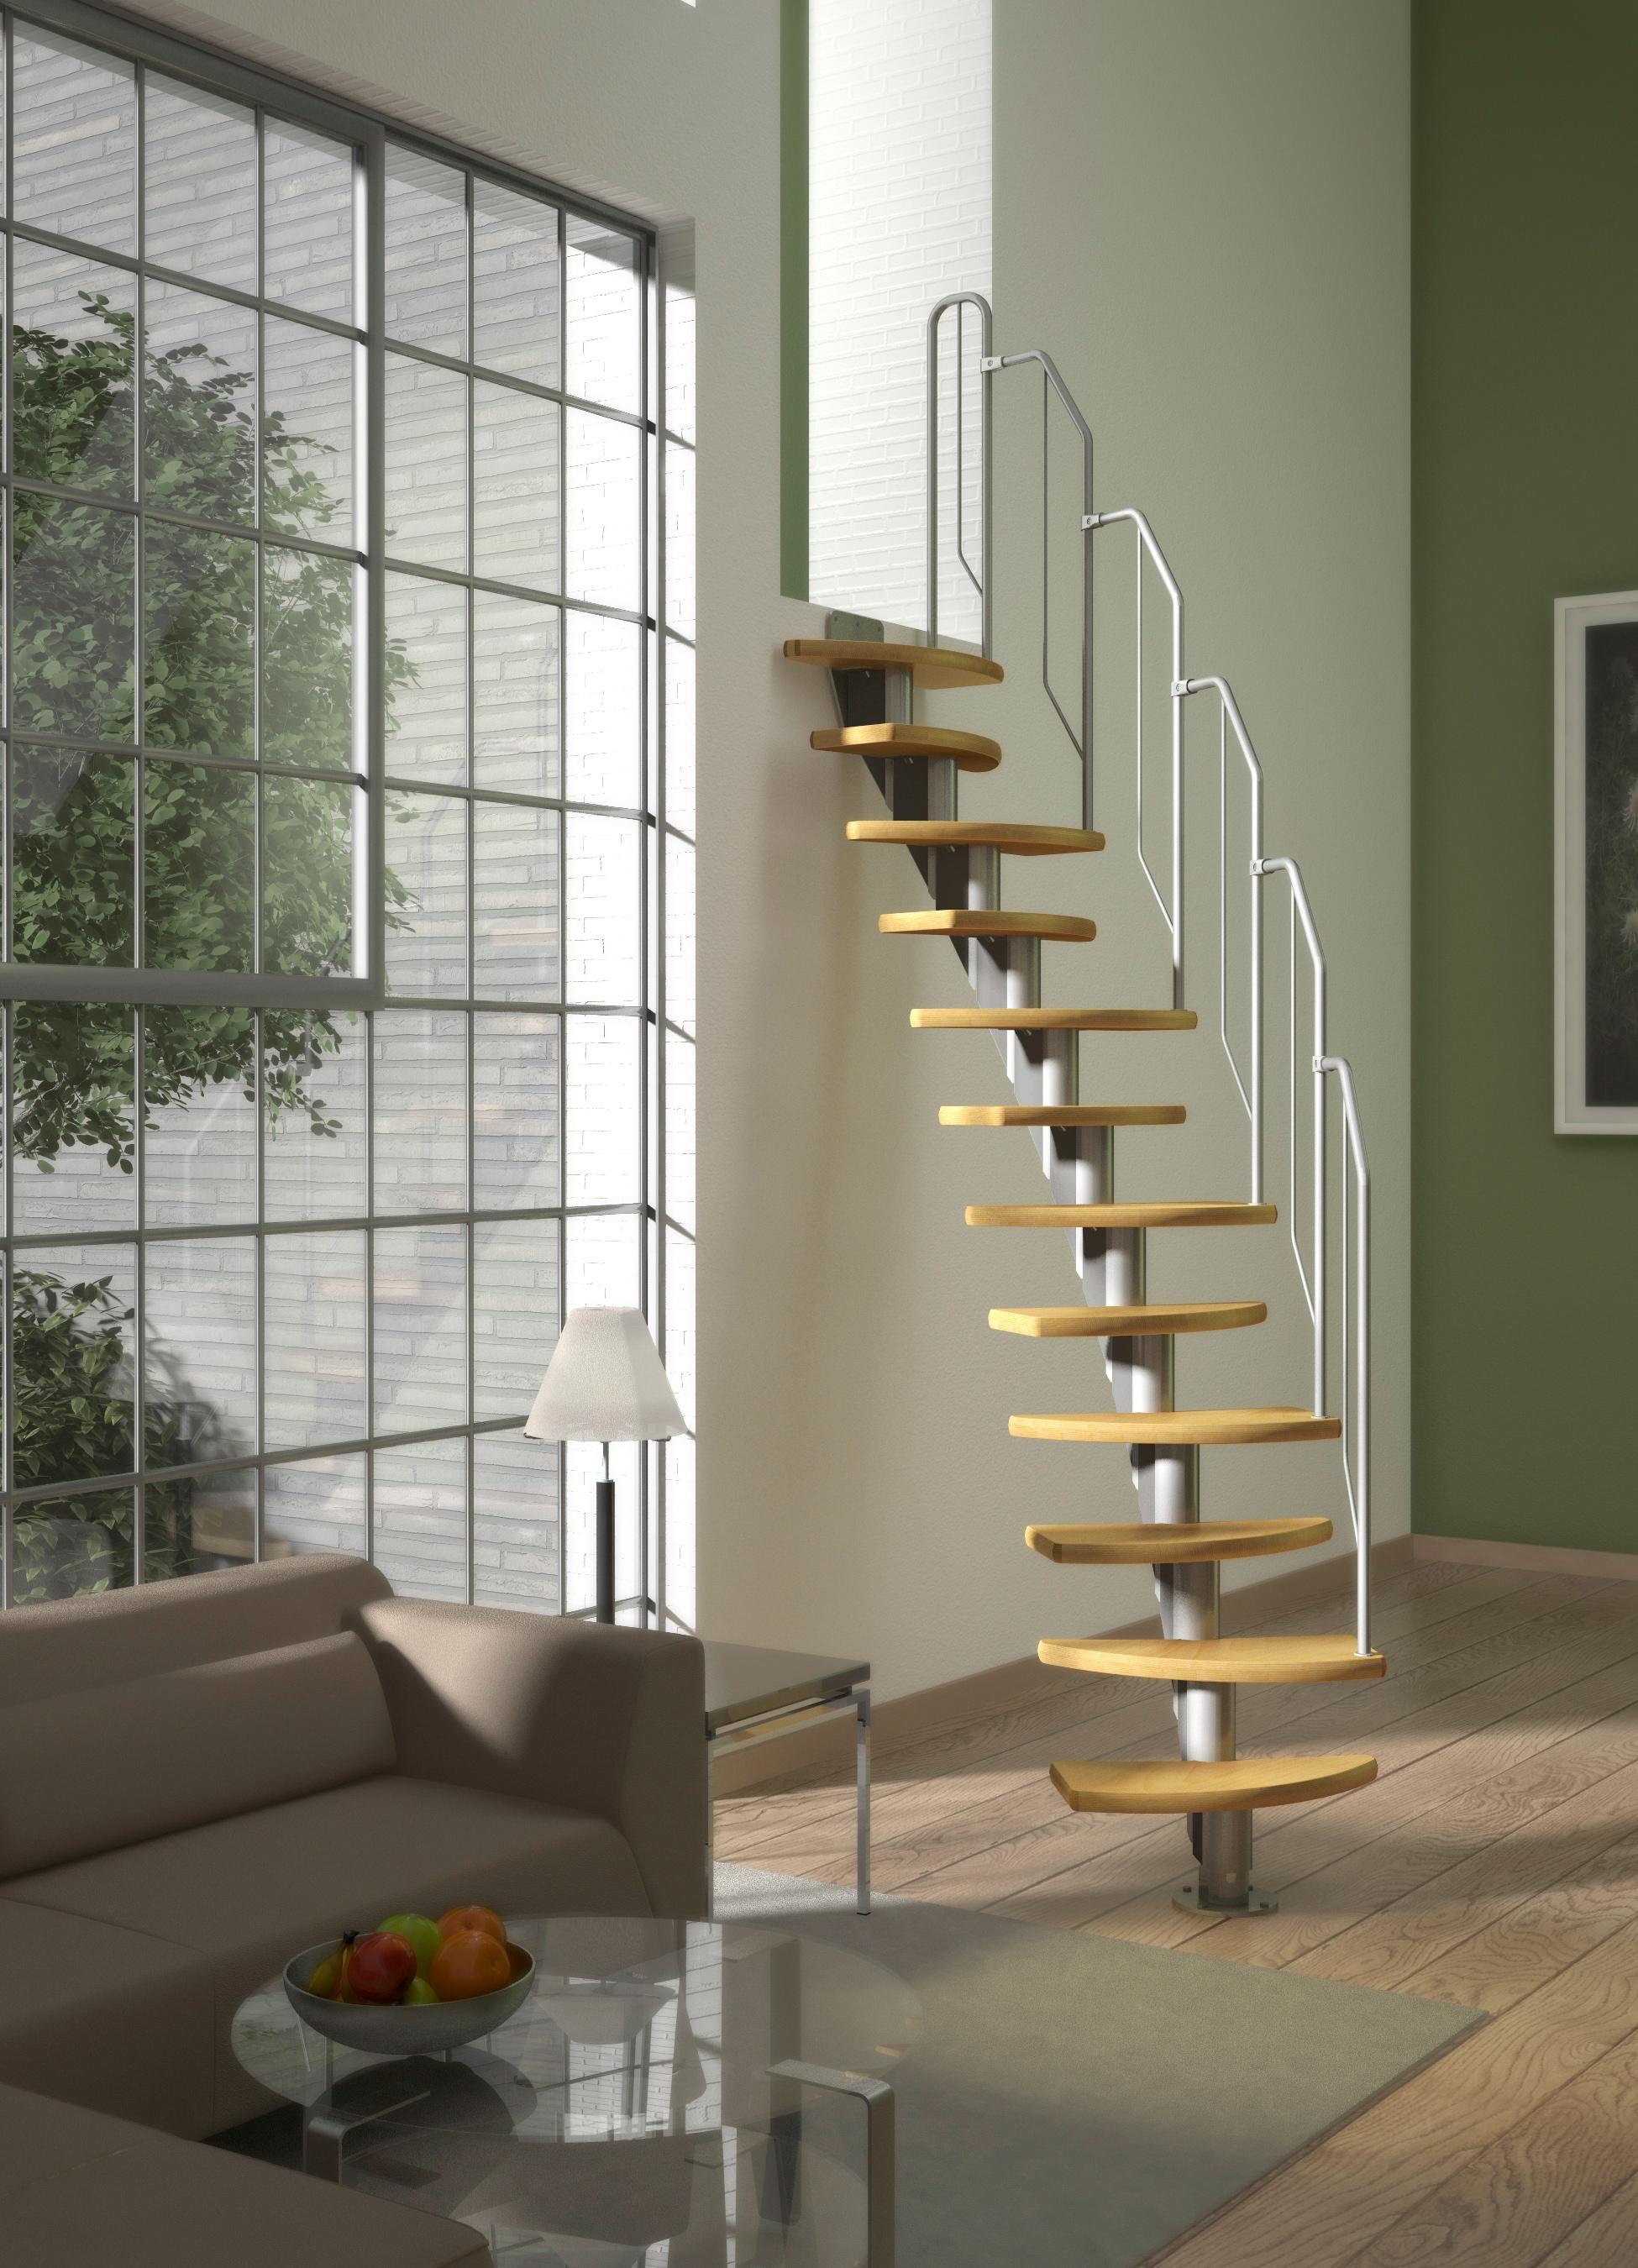 DOLLE Systemtreppe »Berlin«, Metallgeländer und -handlauf, Birke, BxH: 64x292 cm | Baumarkt > Leitern und Treppen | DOLLE